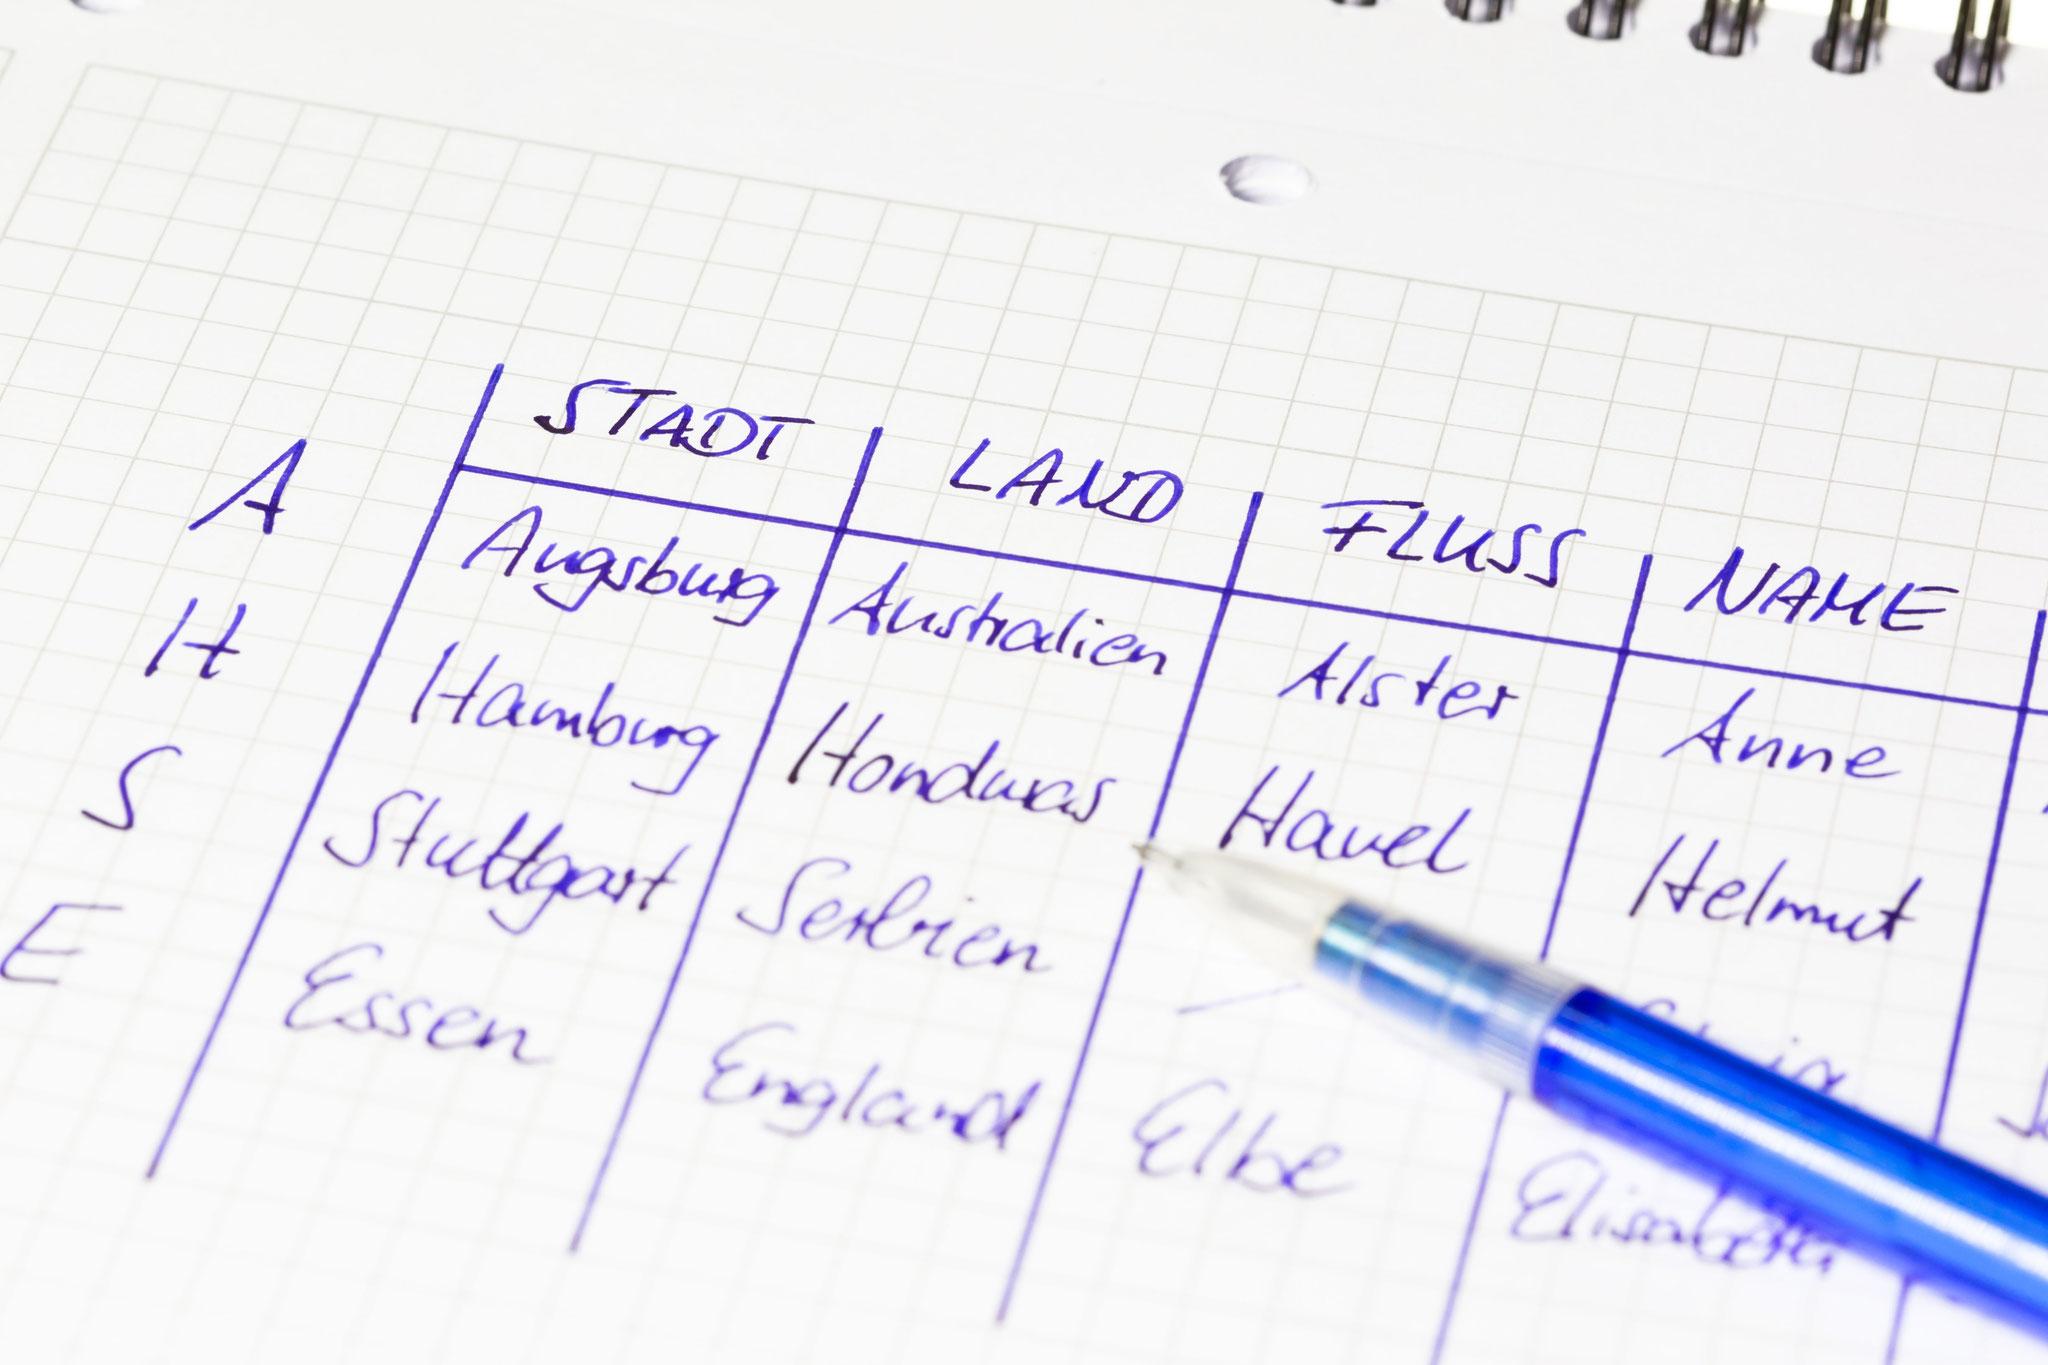 Spiele, für die man nur Papier und Stift braucht © Jeanette Dietl, Adobe Stock